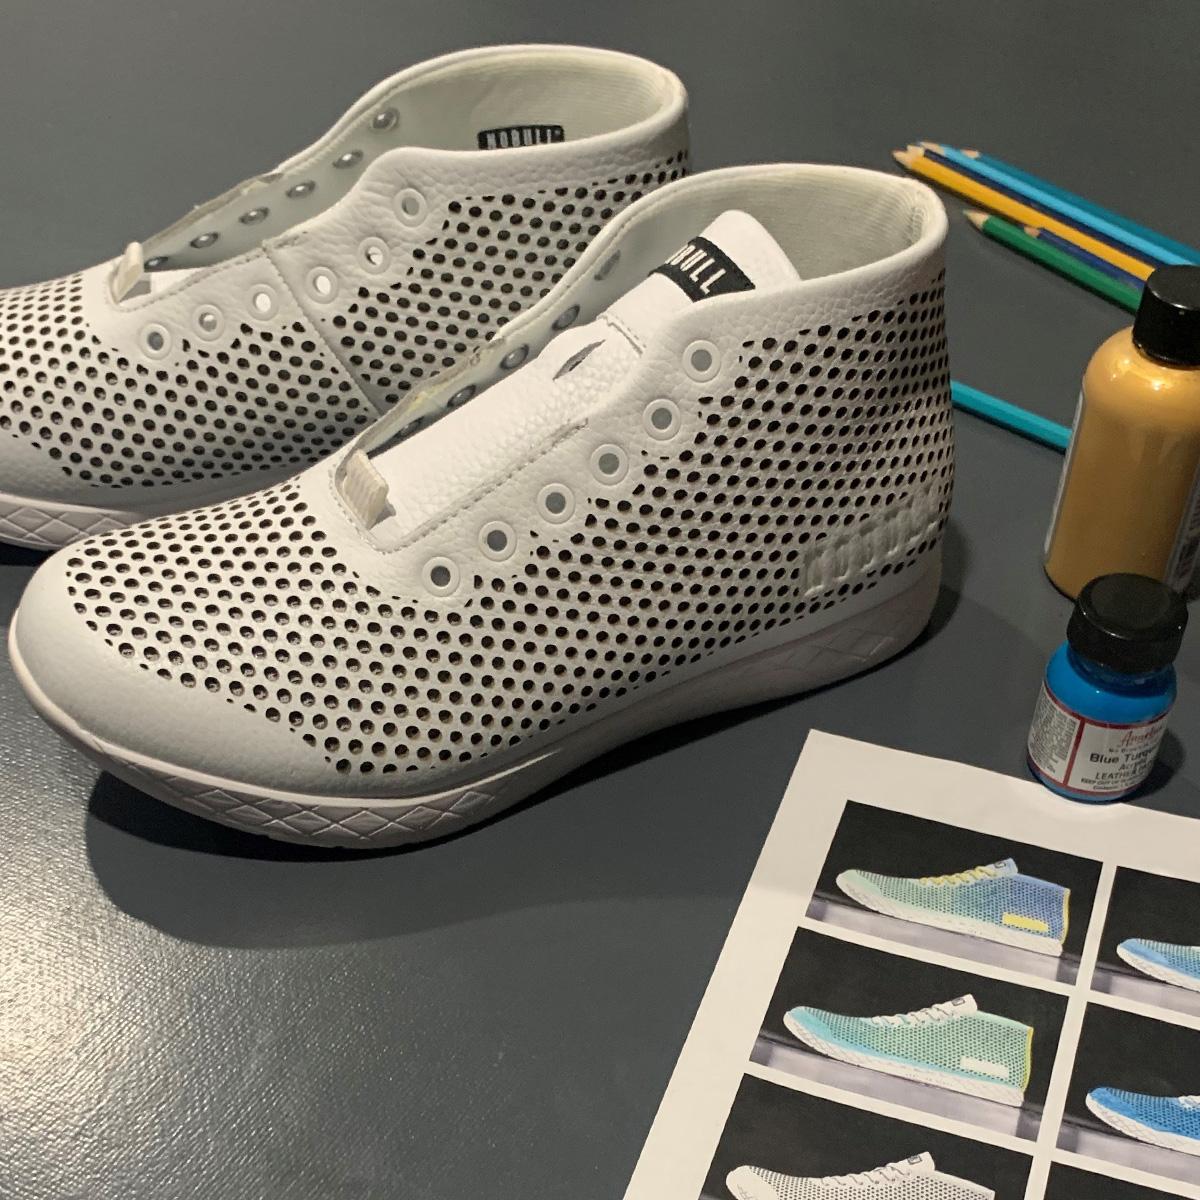 Sneakers before